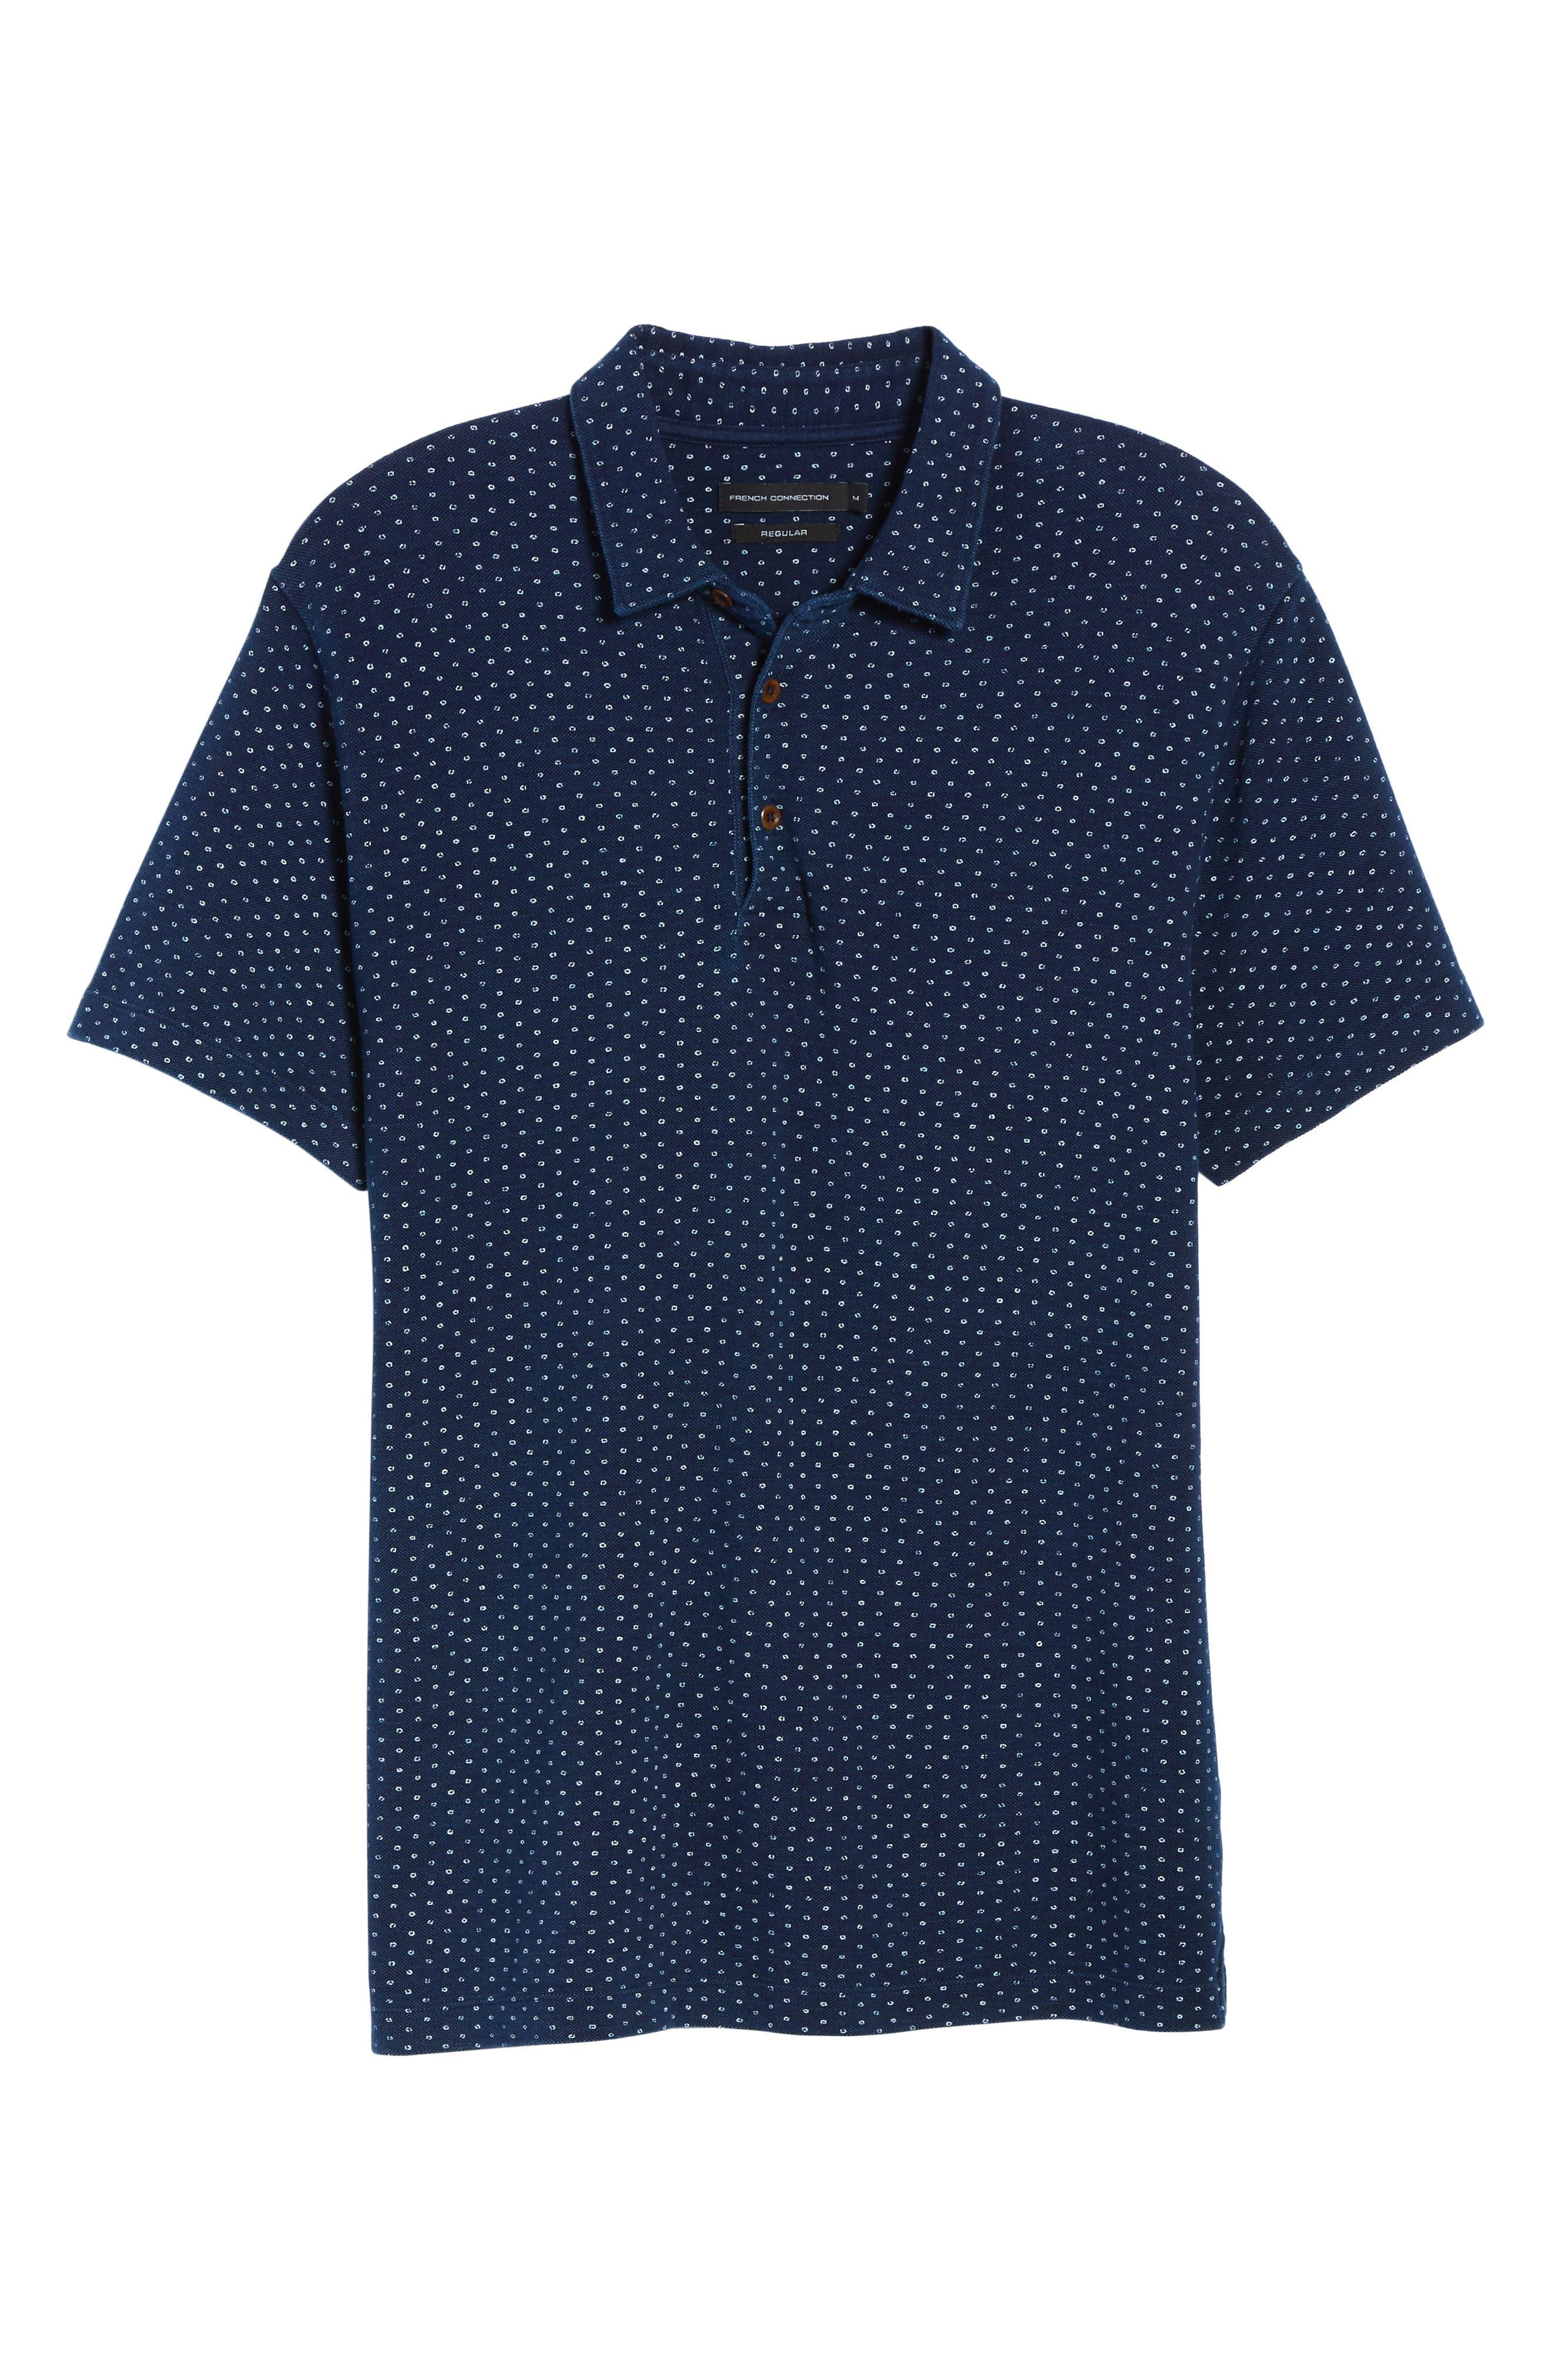 Dojo Dot Regular Fit Cotton Polo,                             Alternate thumbnail 6, color,